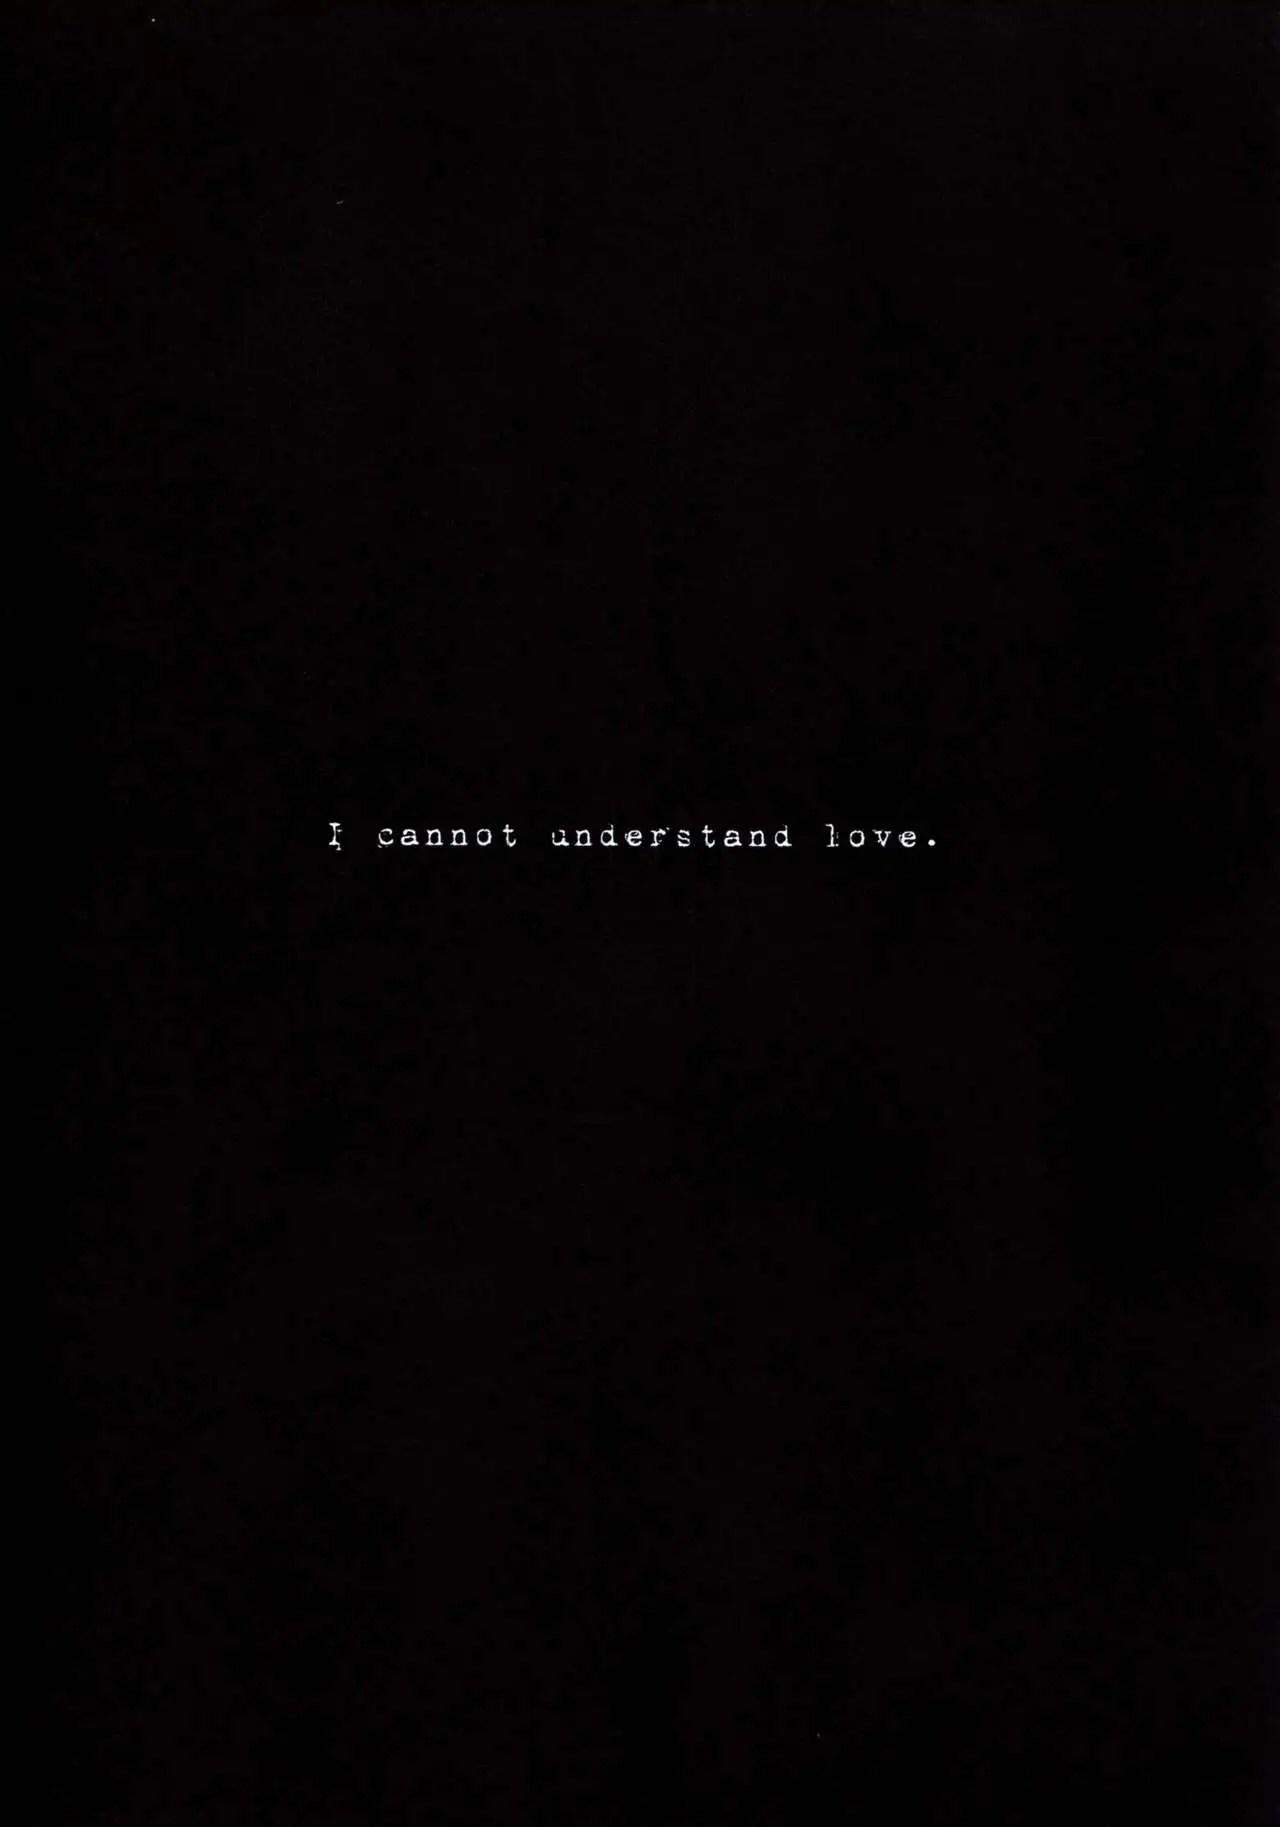 Hình ảnh  trong bài viết I Cannot Understand Love